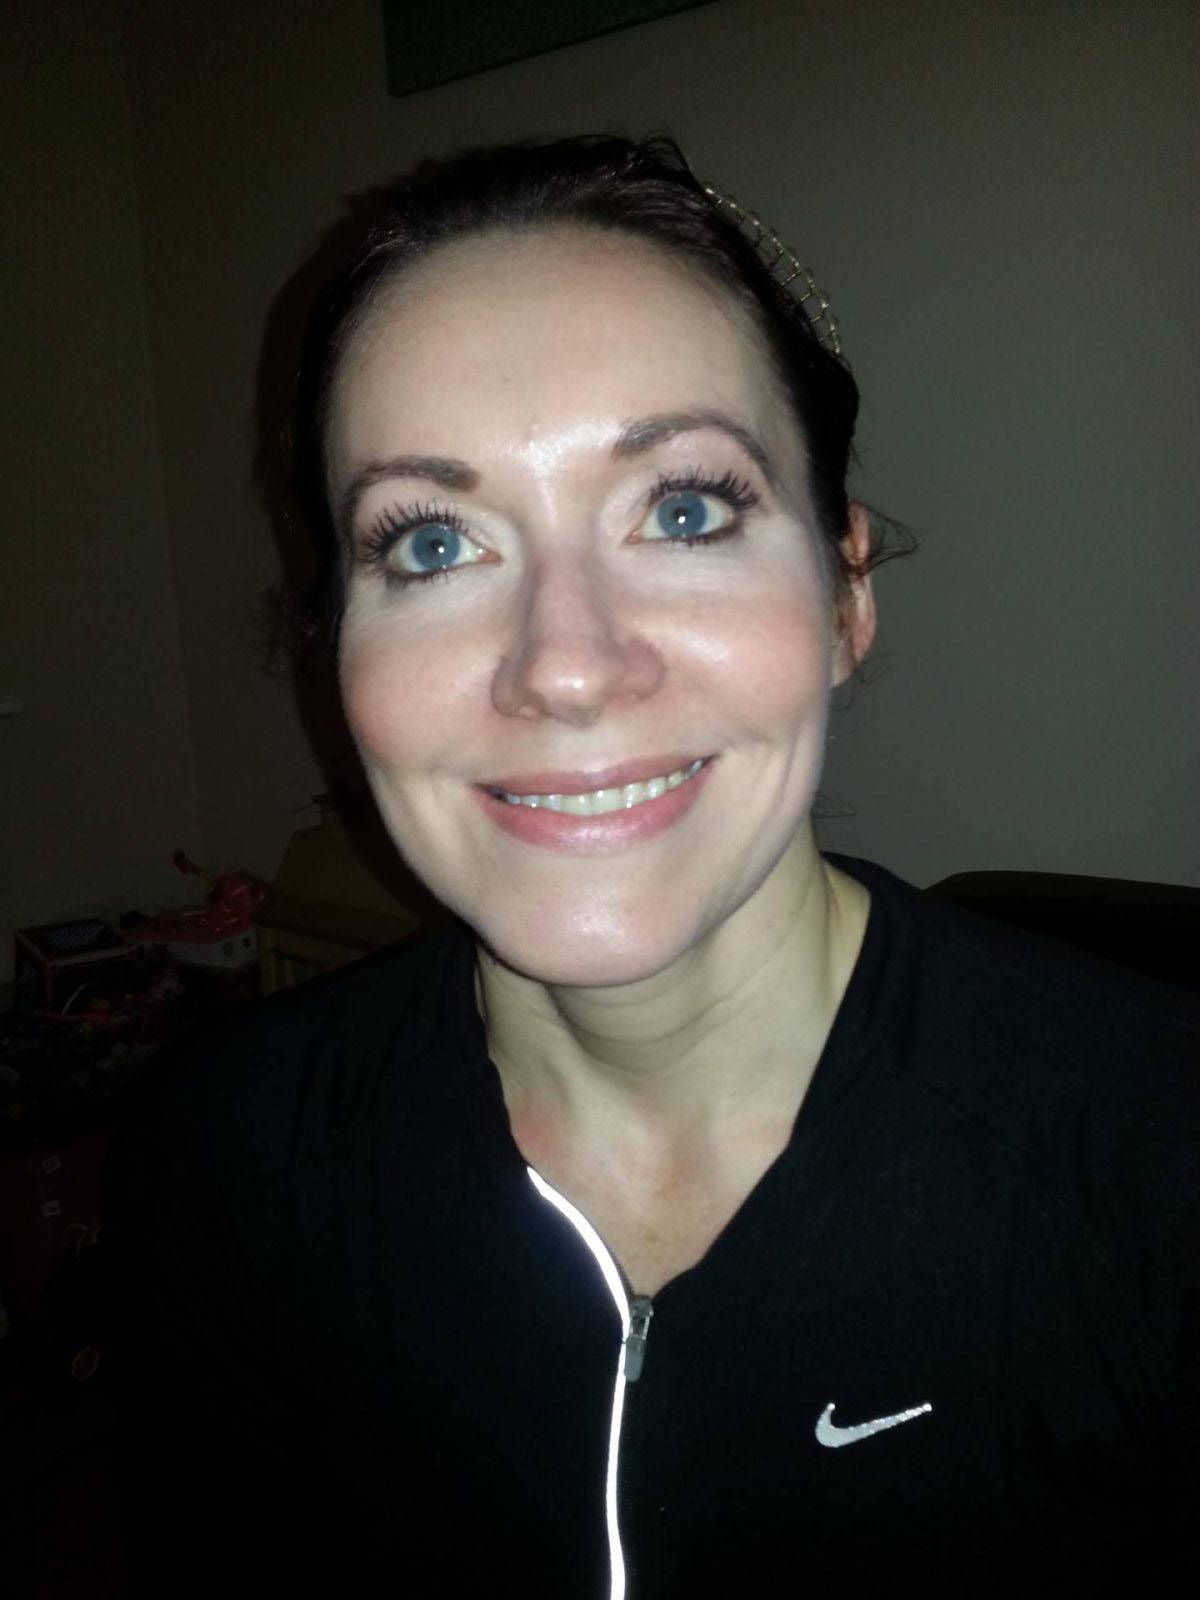 post run selfie Tarteist mascara